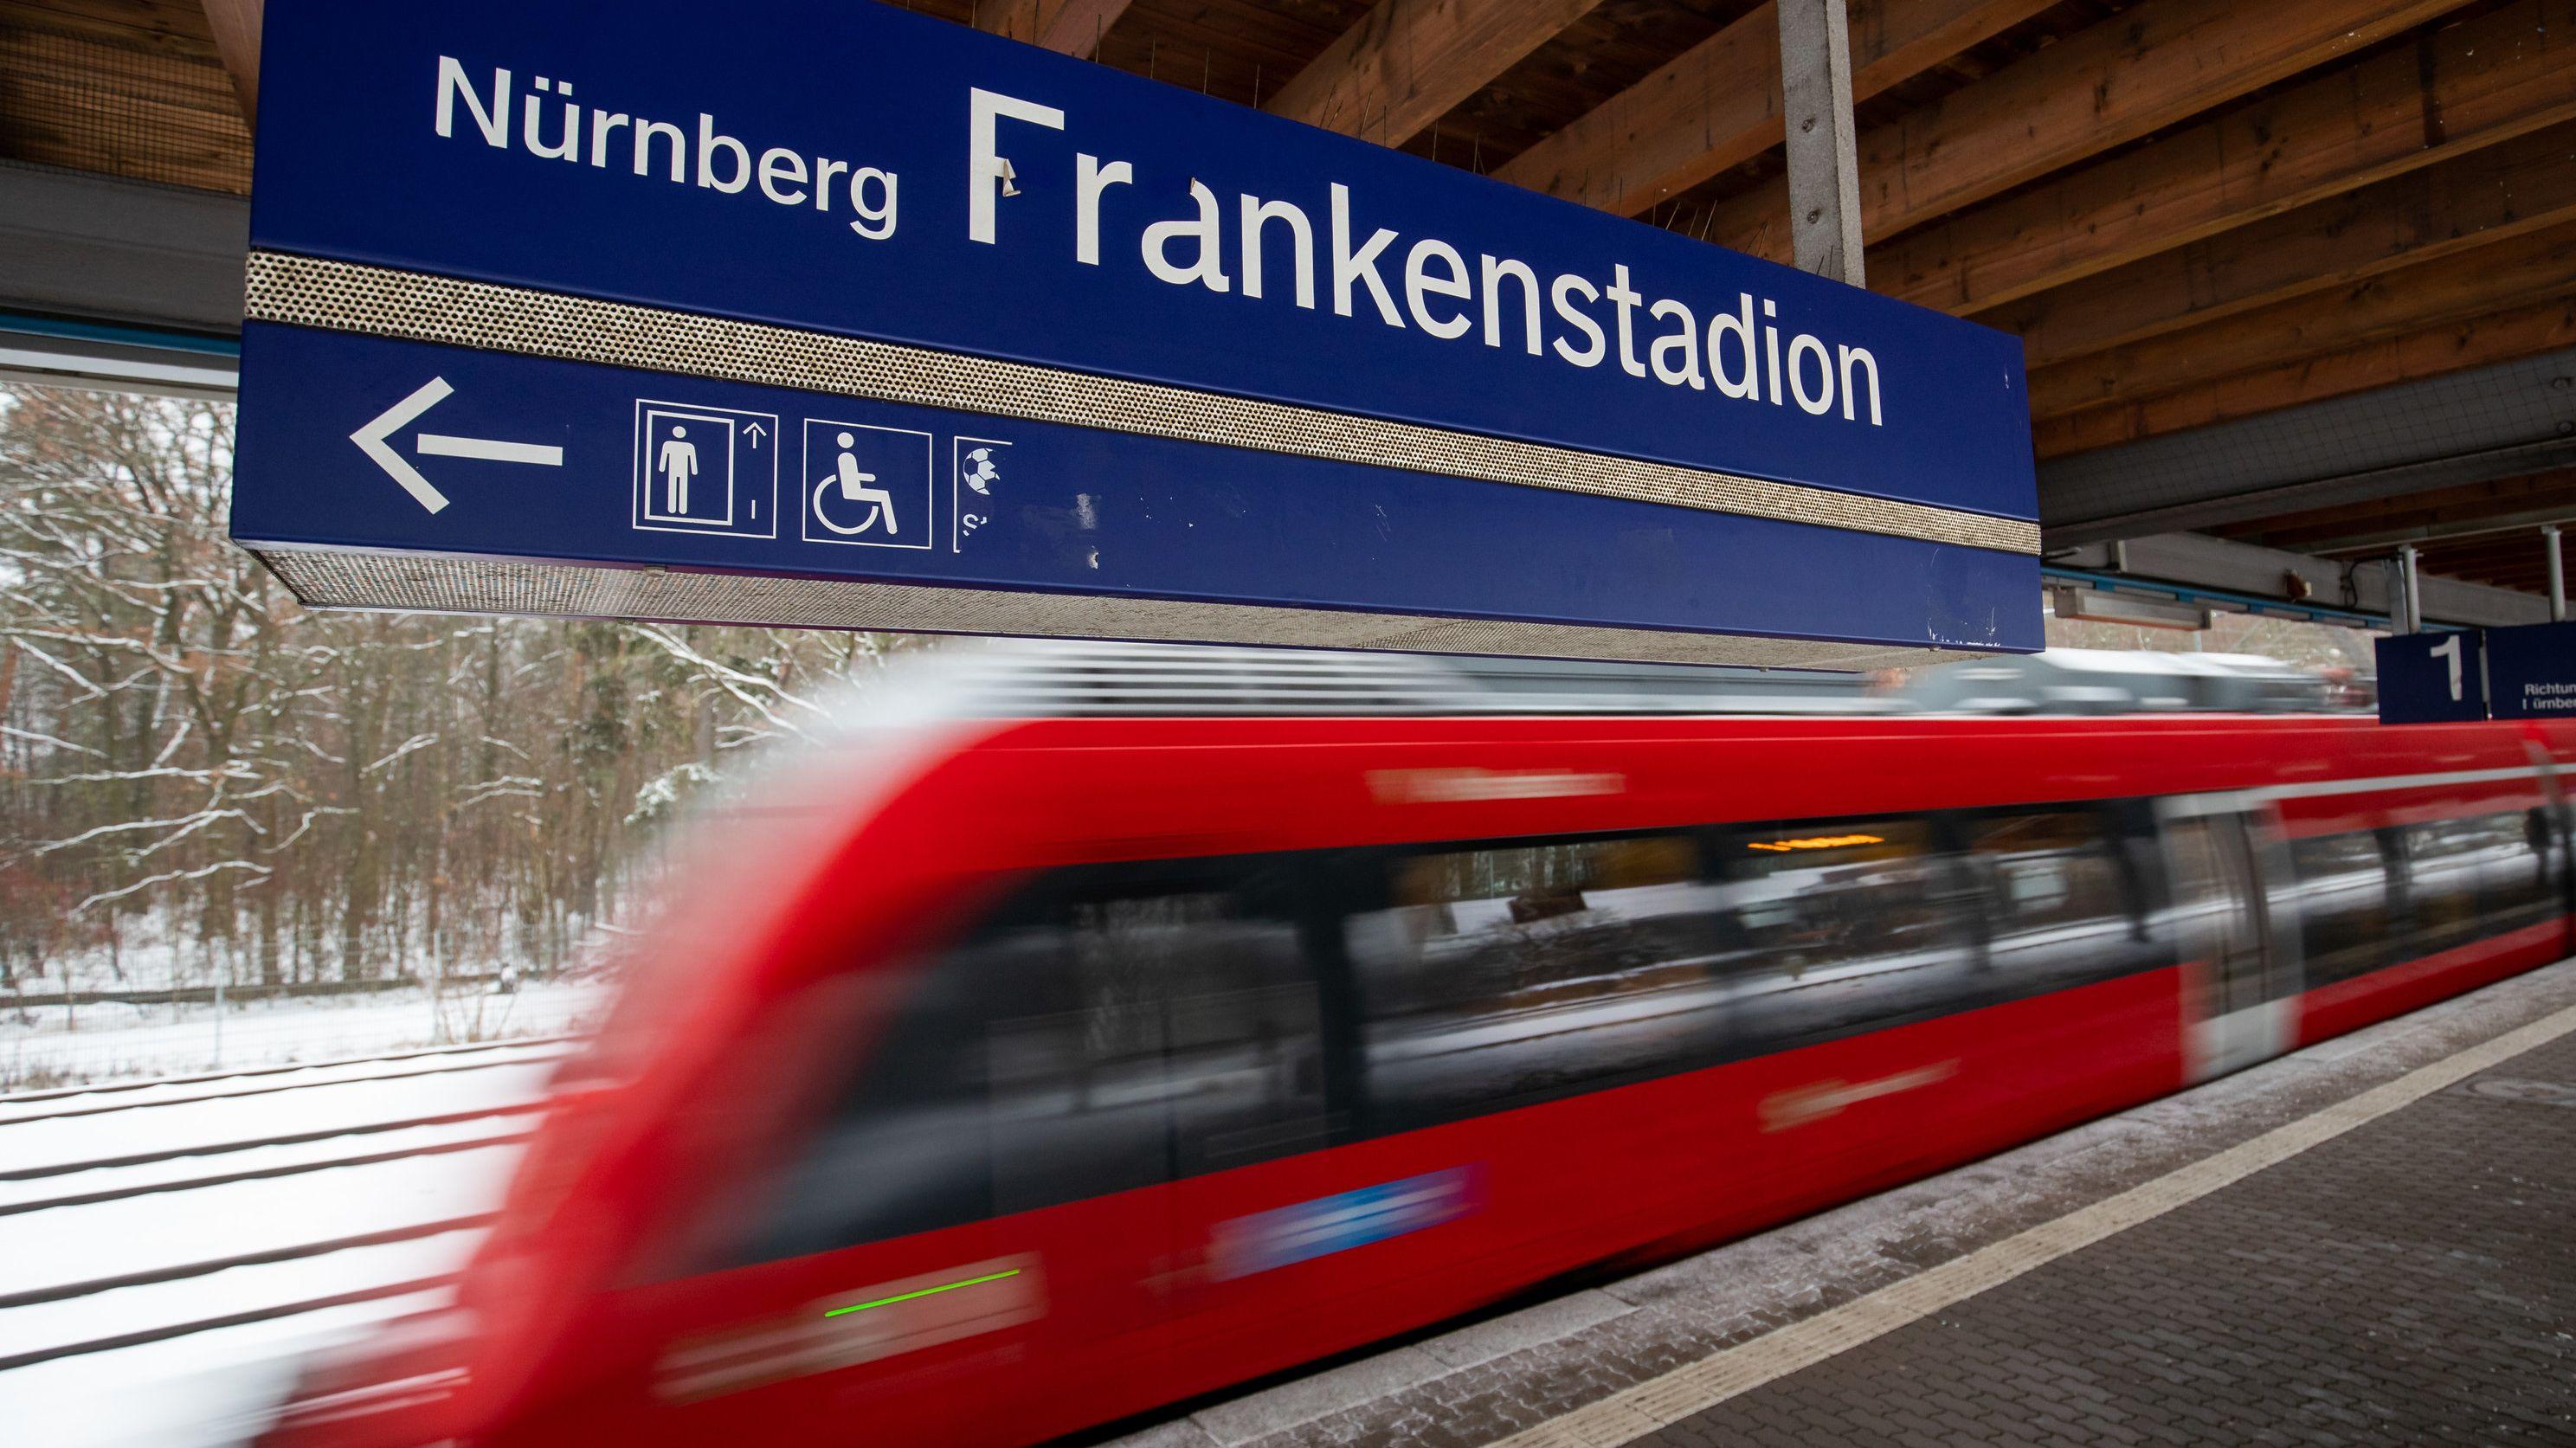 """Die Haltestelle """"Nürnberg-Frankenstadion"""" mit einfahrender S-Bahn."""